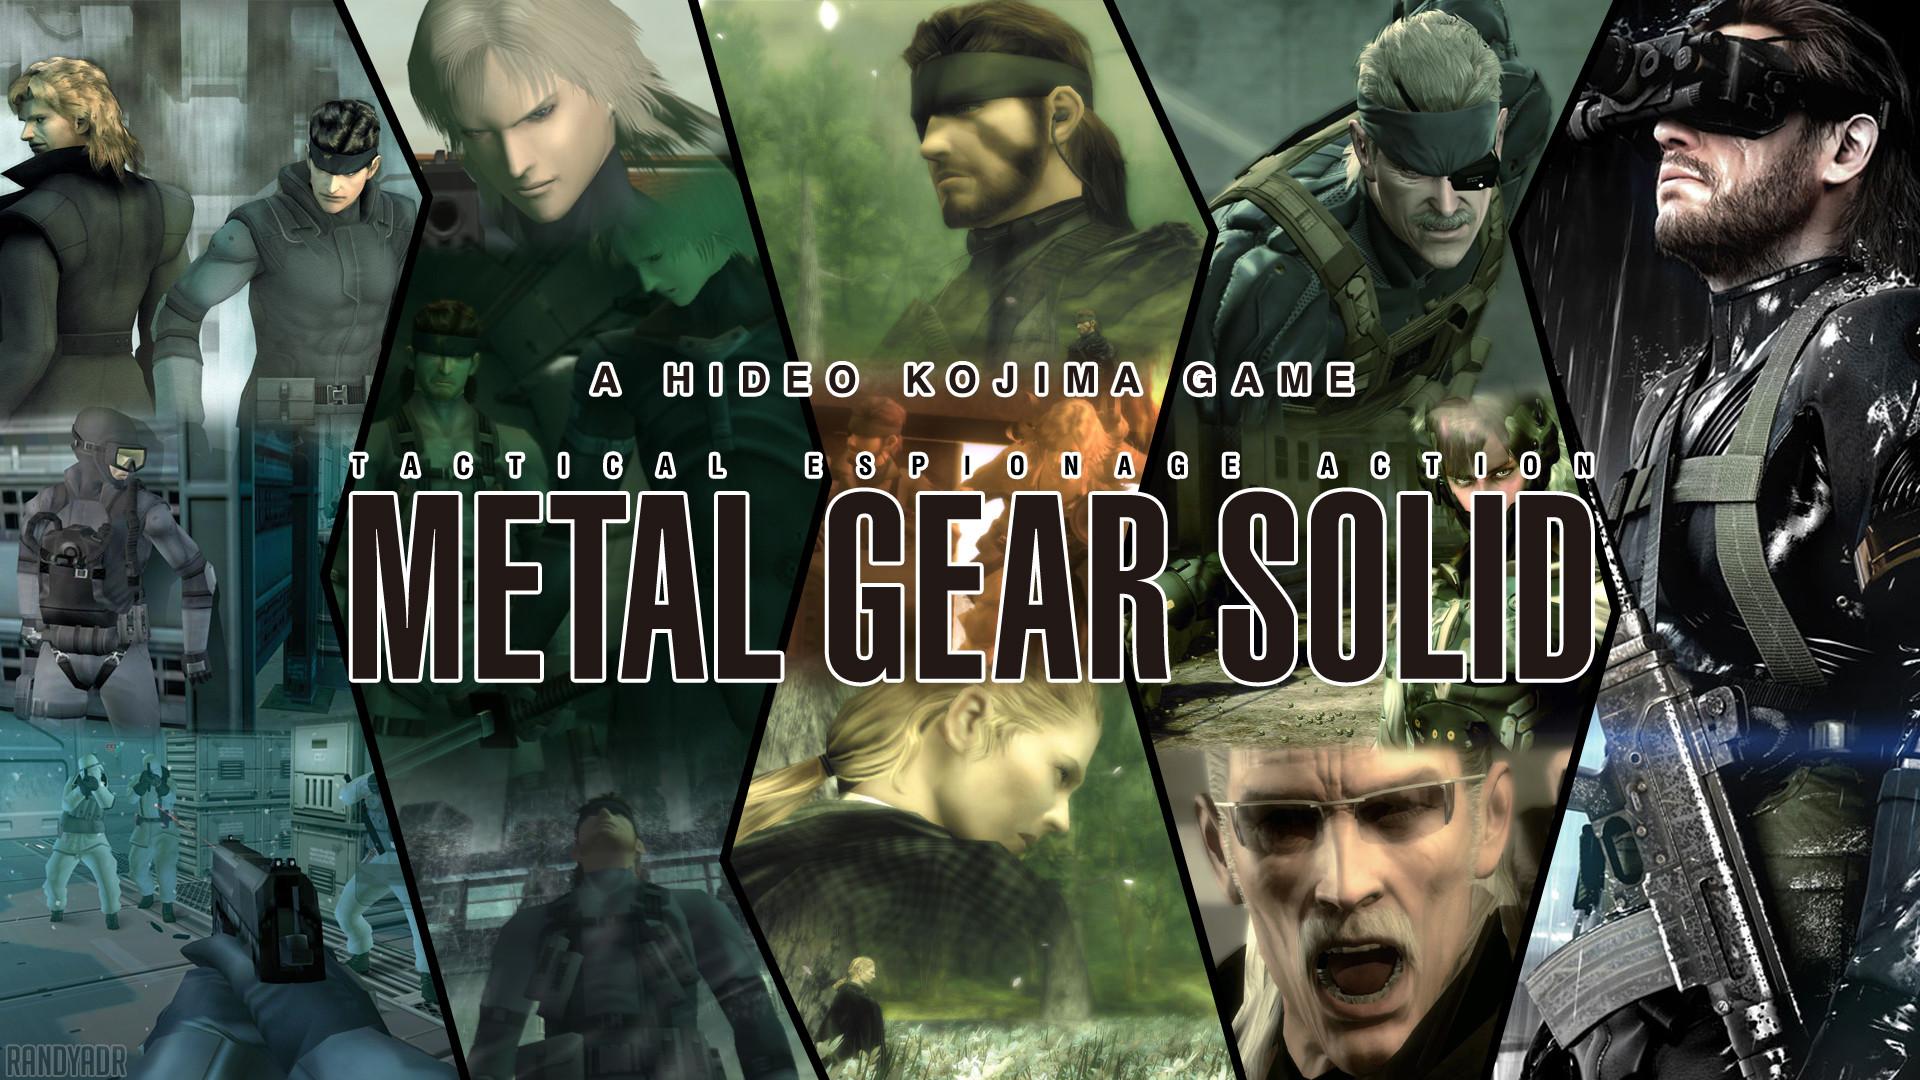 Metal Gear Solid Wallpaper Attempt by randyadr on deviantART